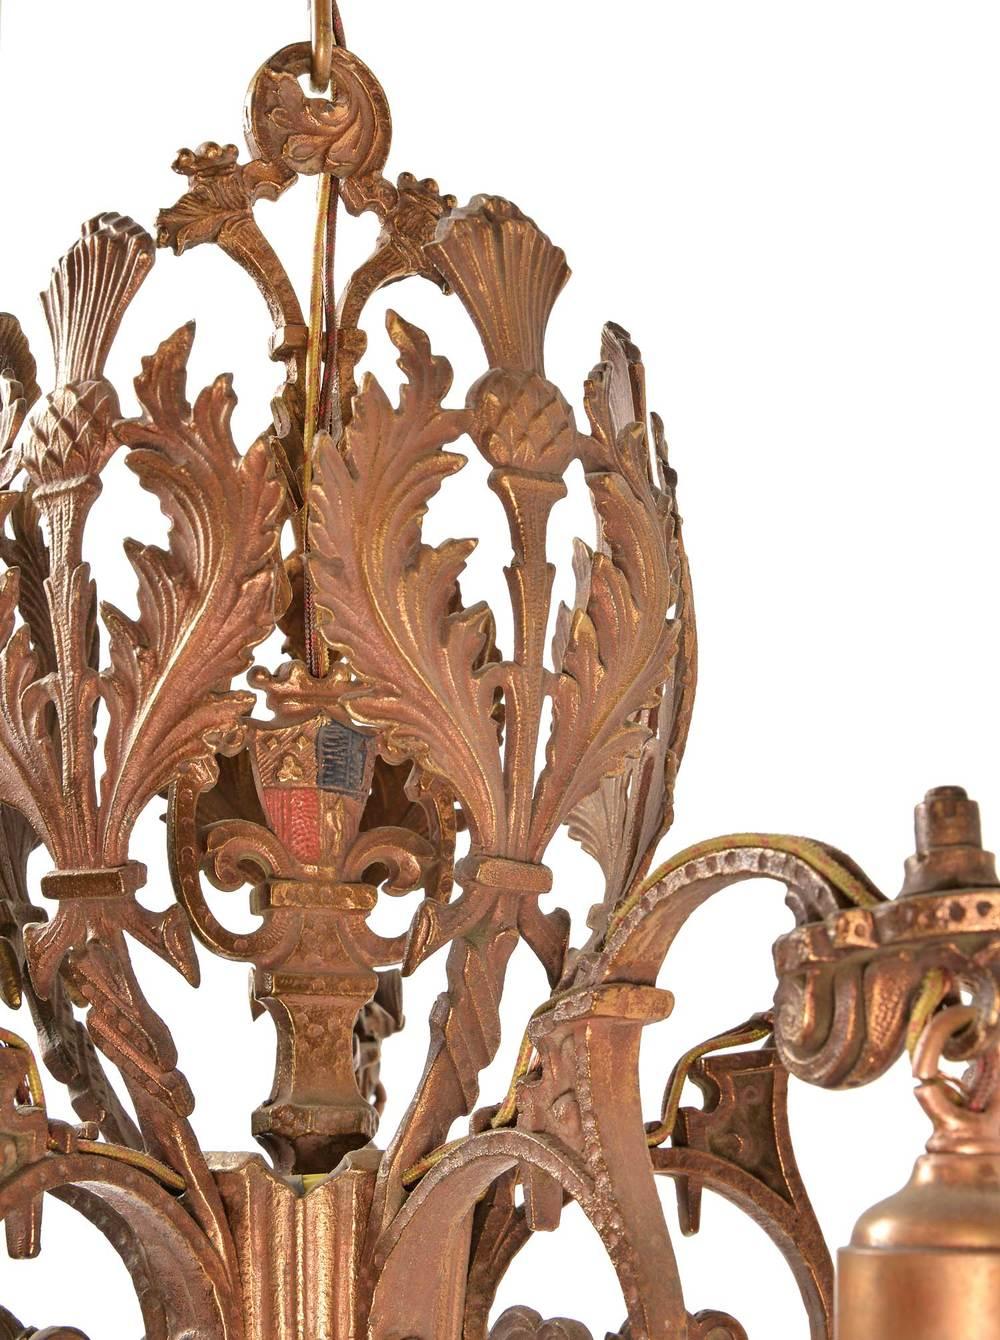 42251-cast-bronze-5-light-tudor-chandelier-detail.jpg